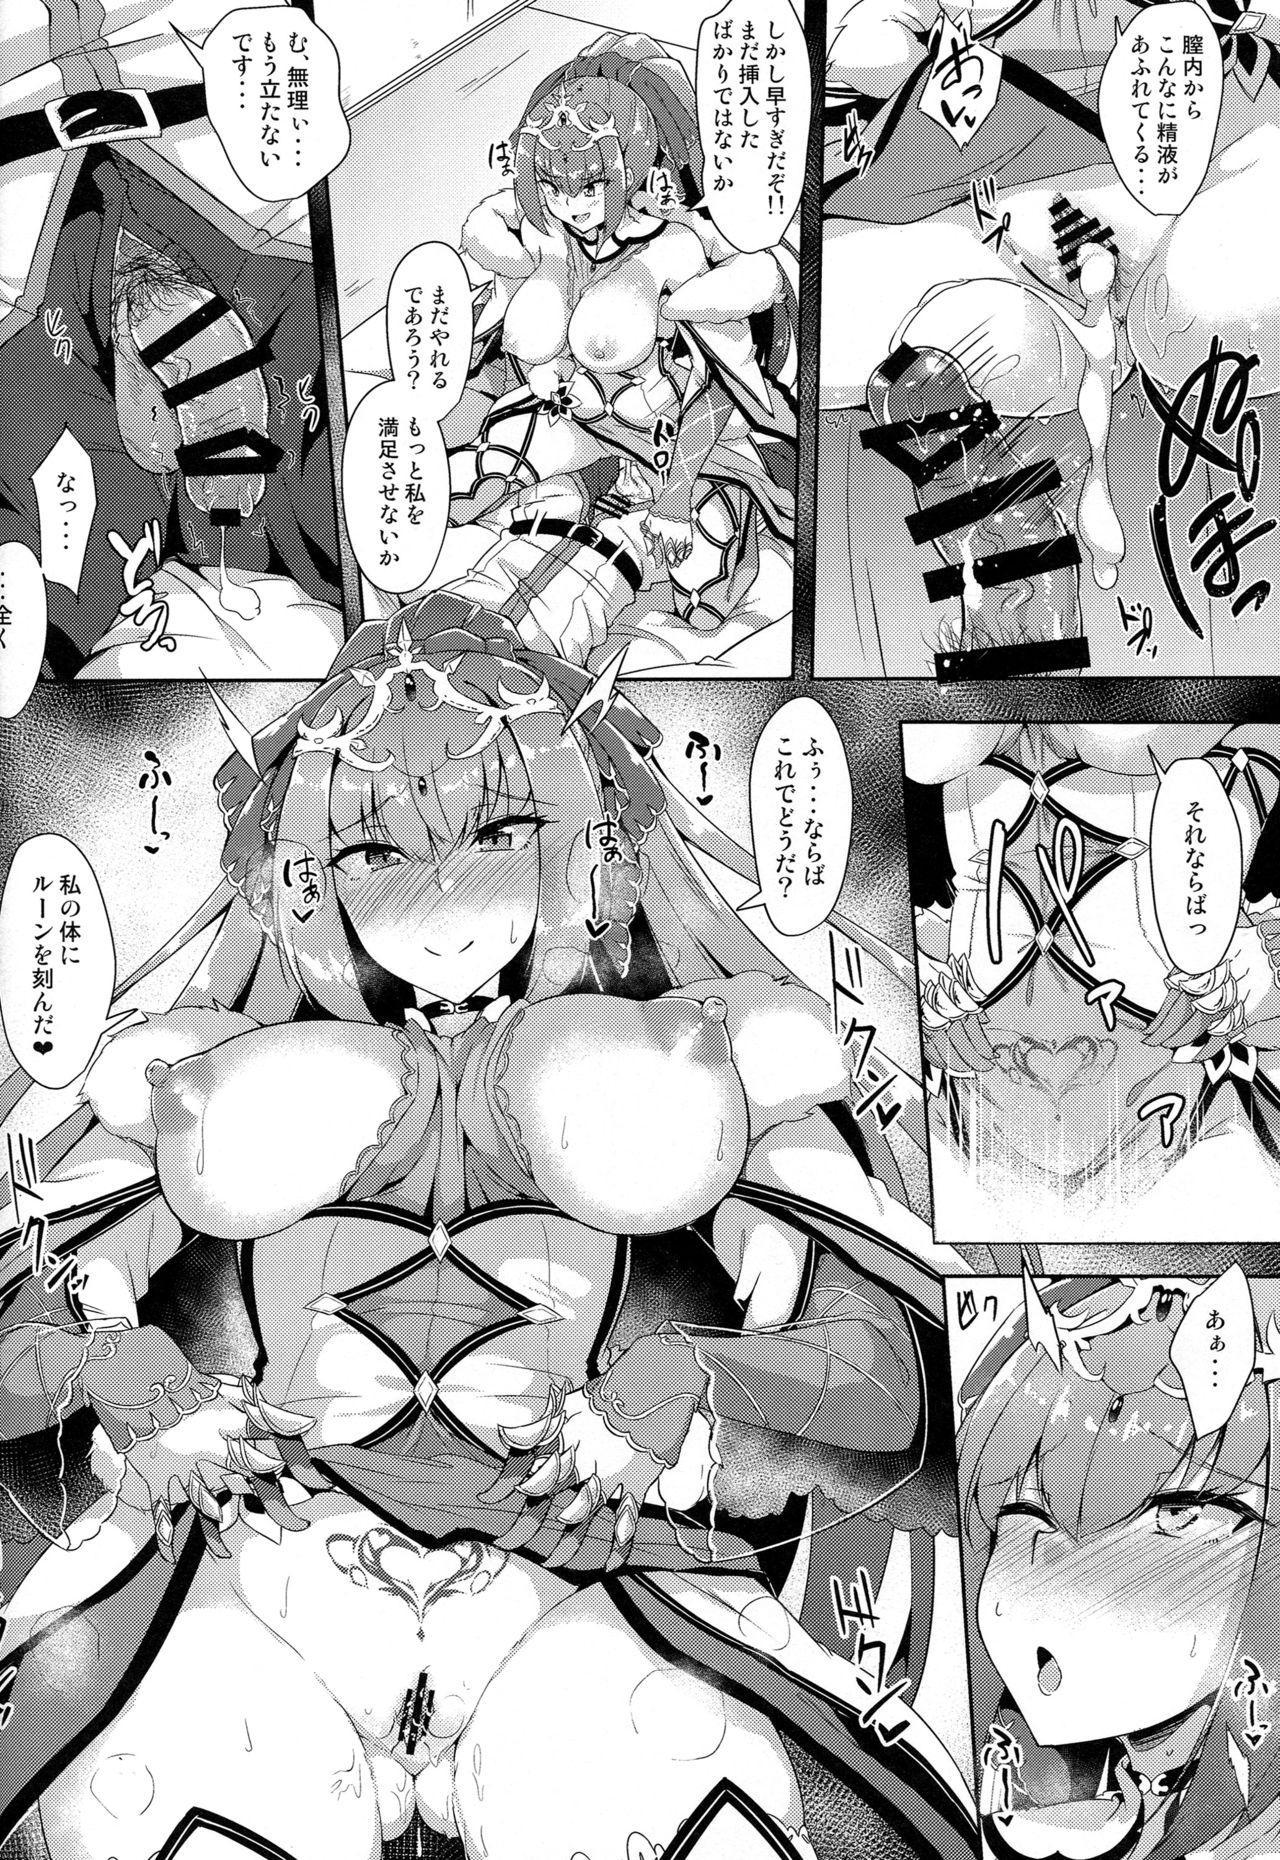 Skadi-sama wa Ai ga Hoshii 13